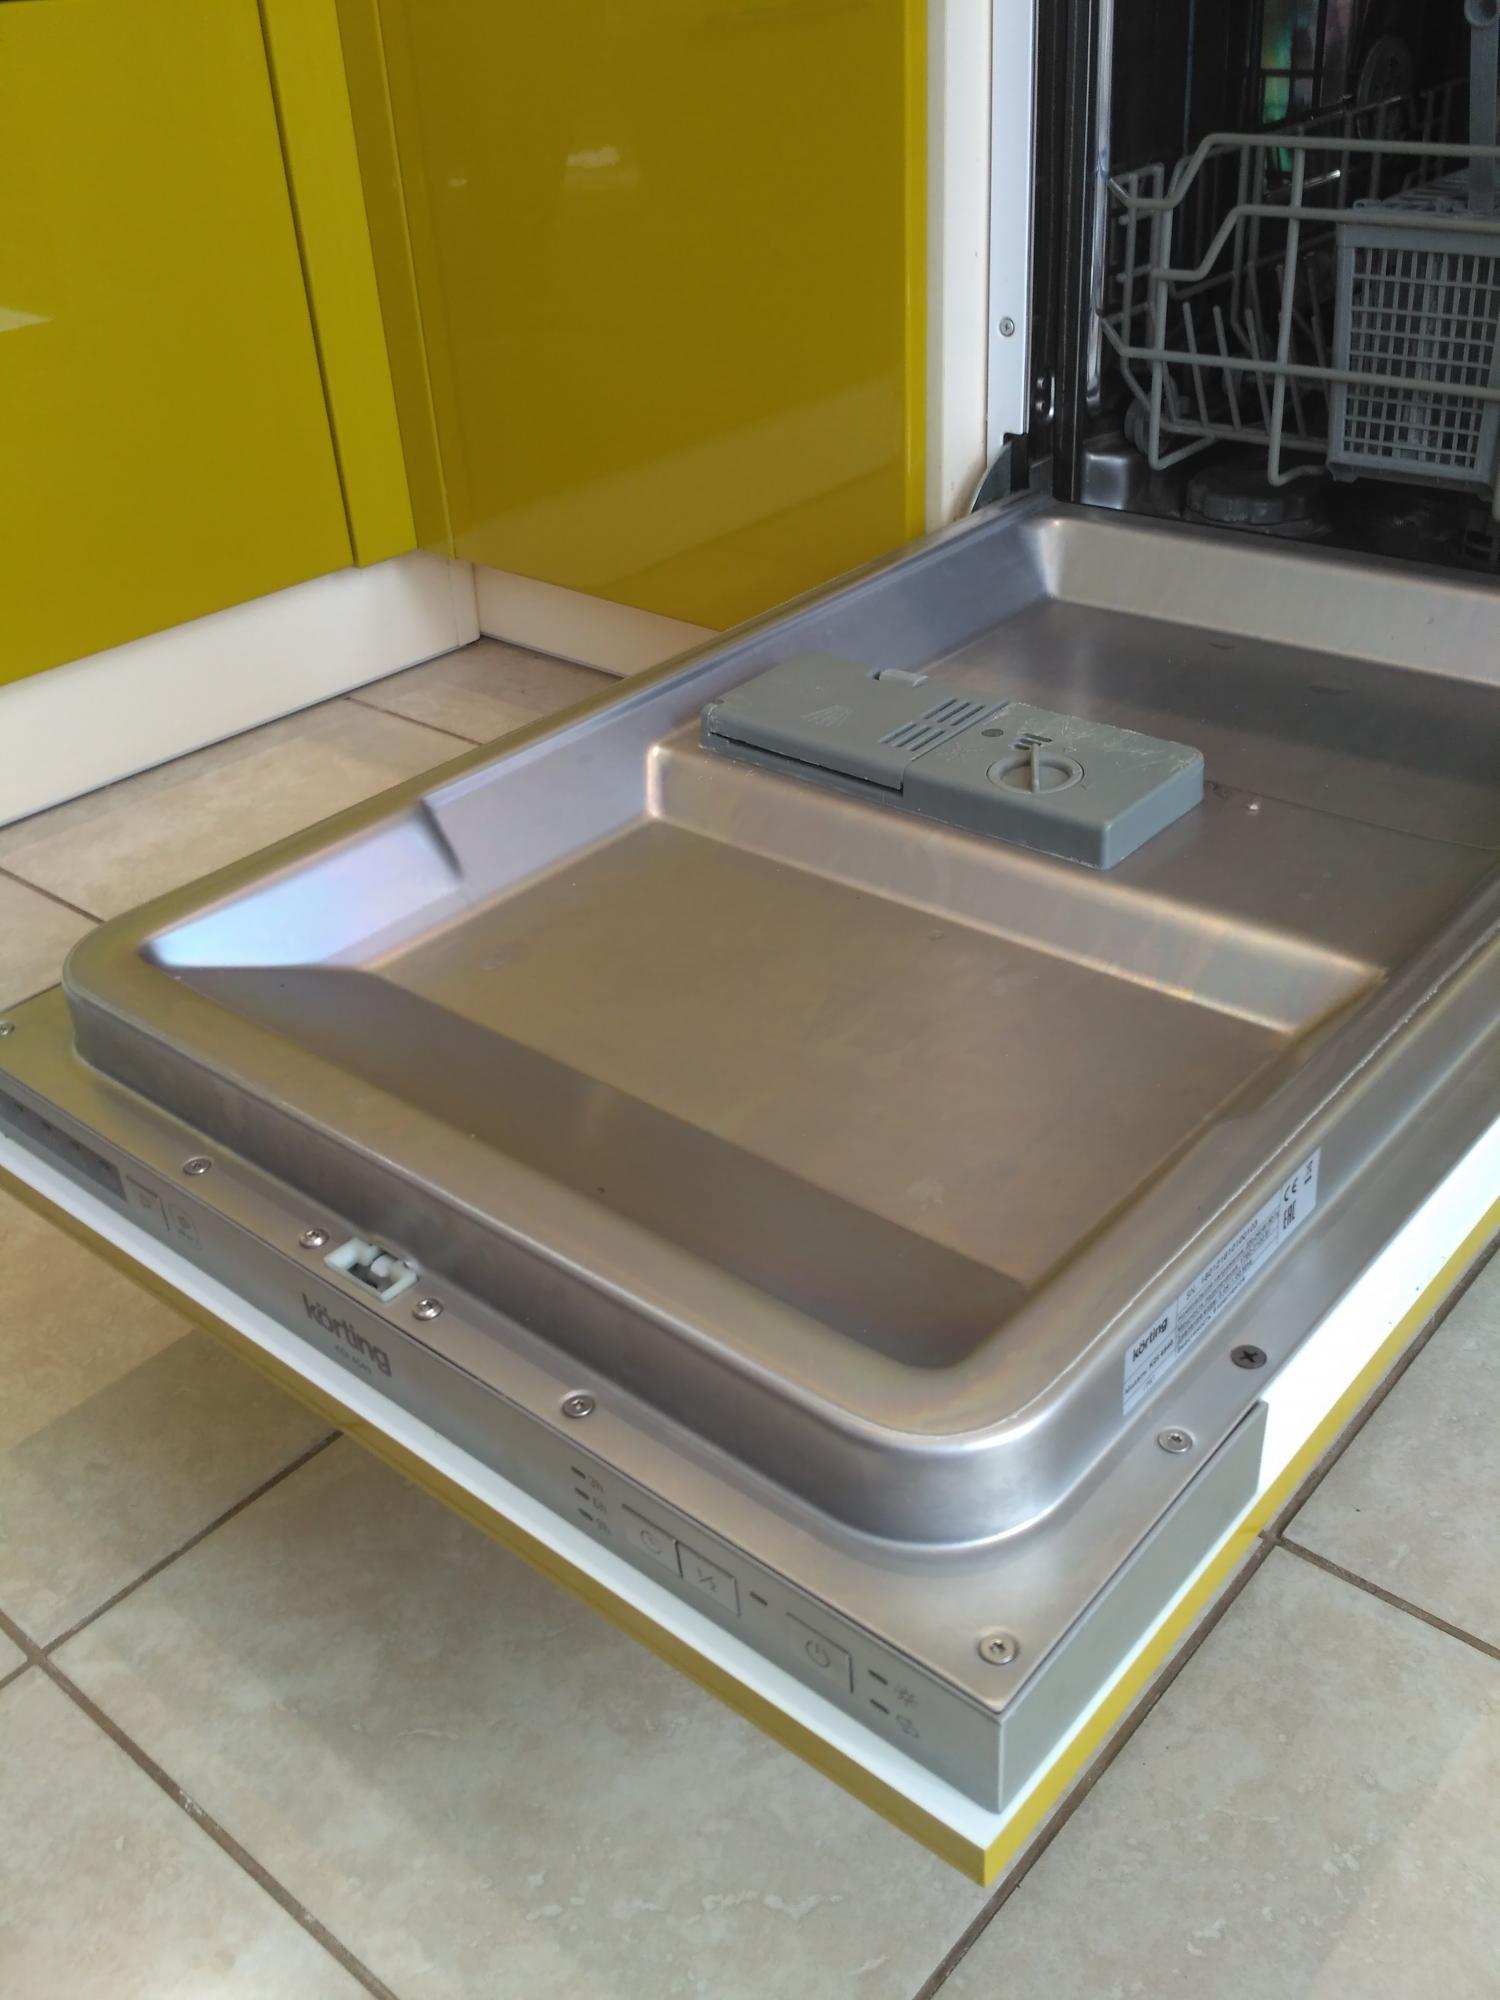 Посудомоечная машина б/у KORTING KDI 4540 в Красногорске 89161167010 купить 5